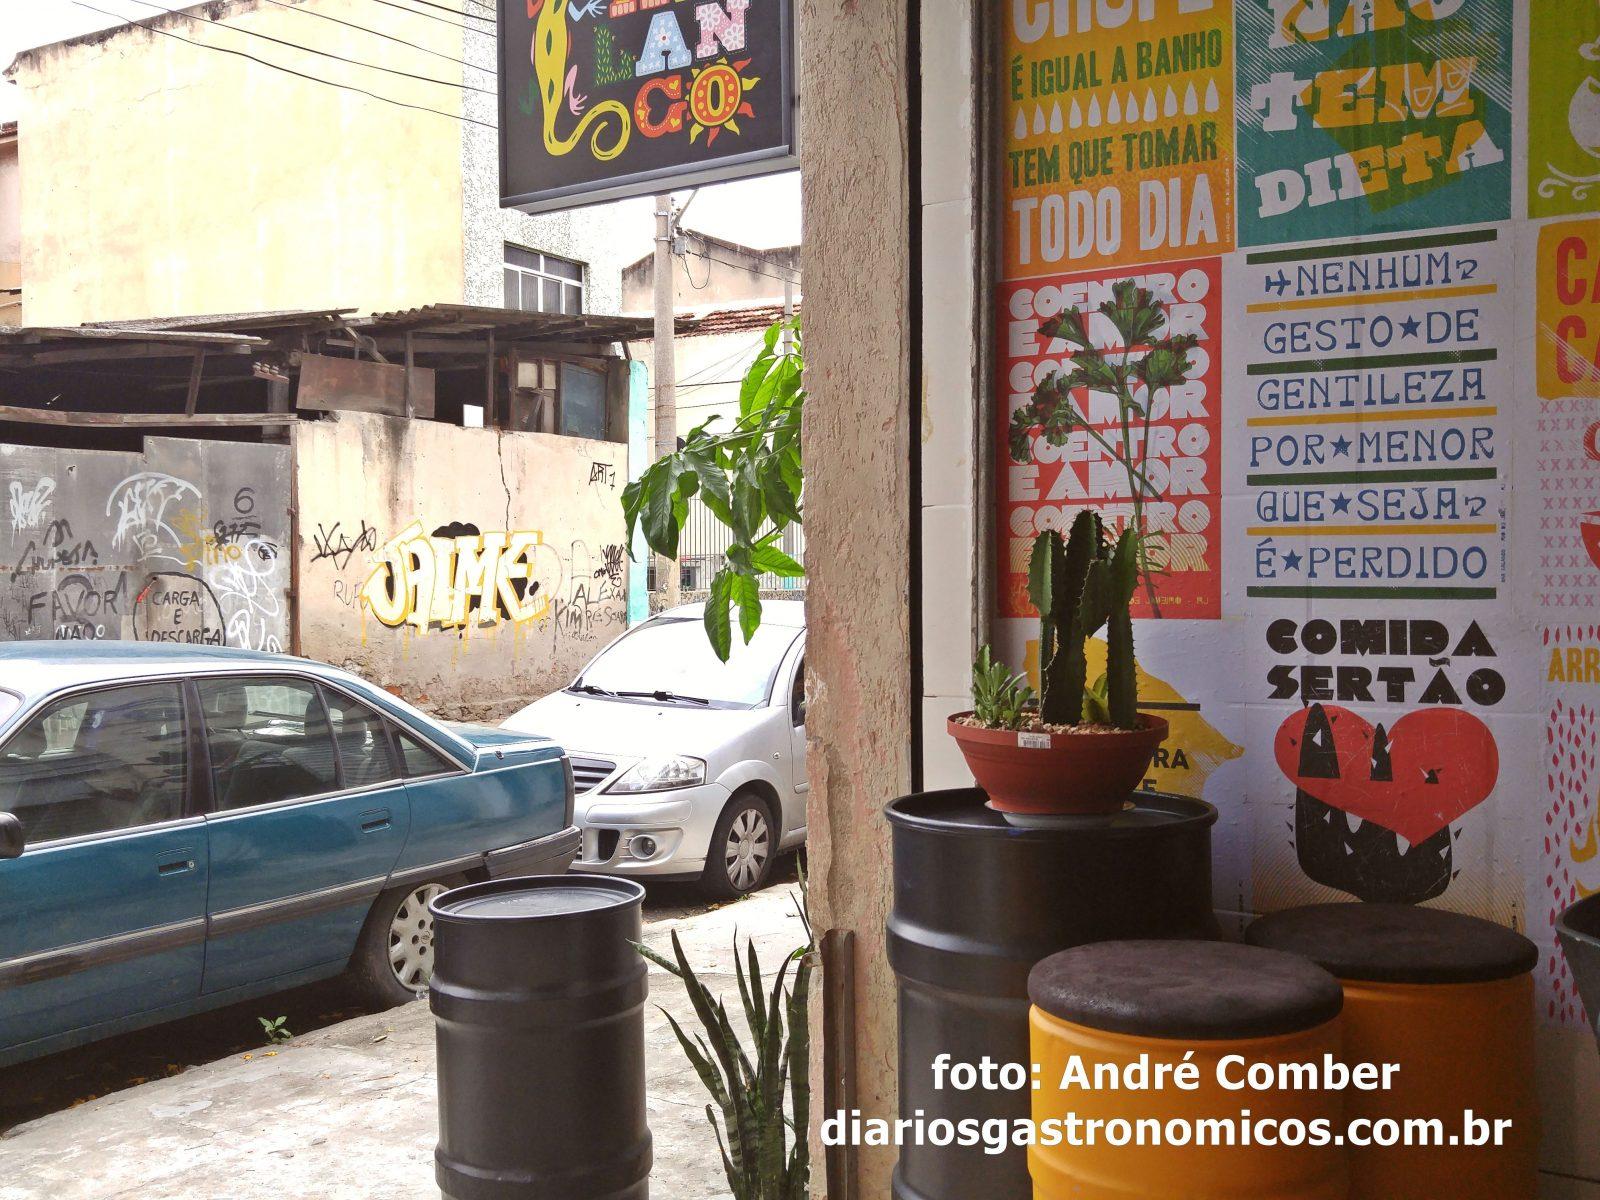 Bar Kalango, comida sertaneja